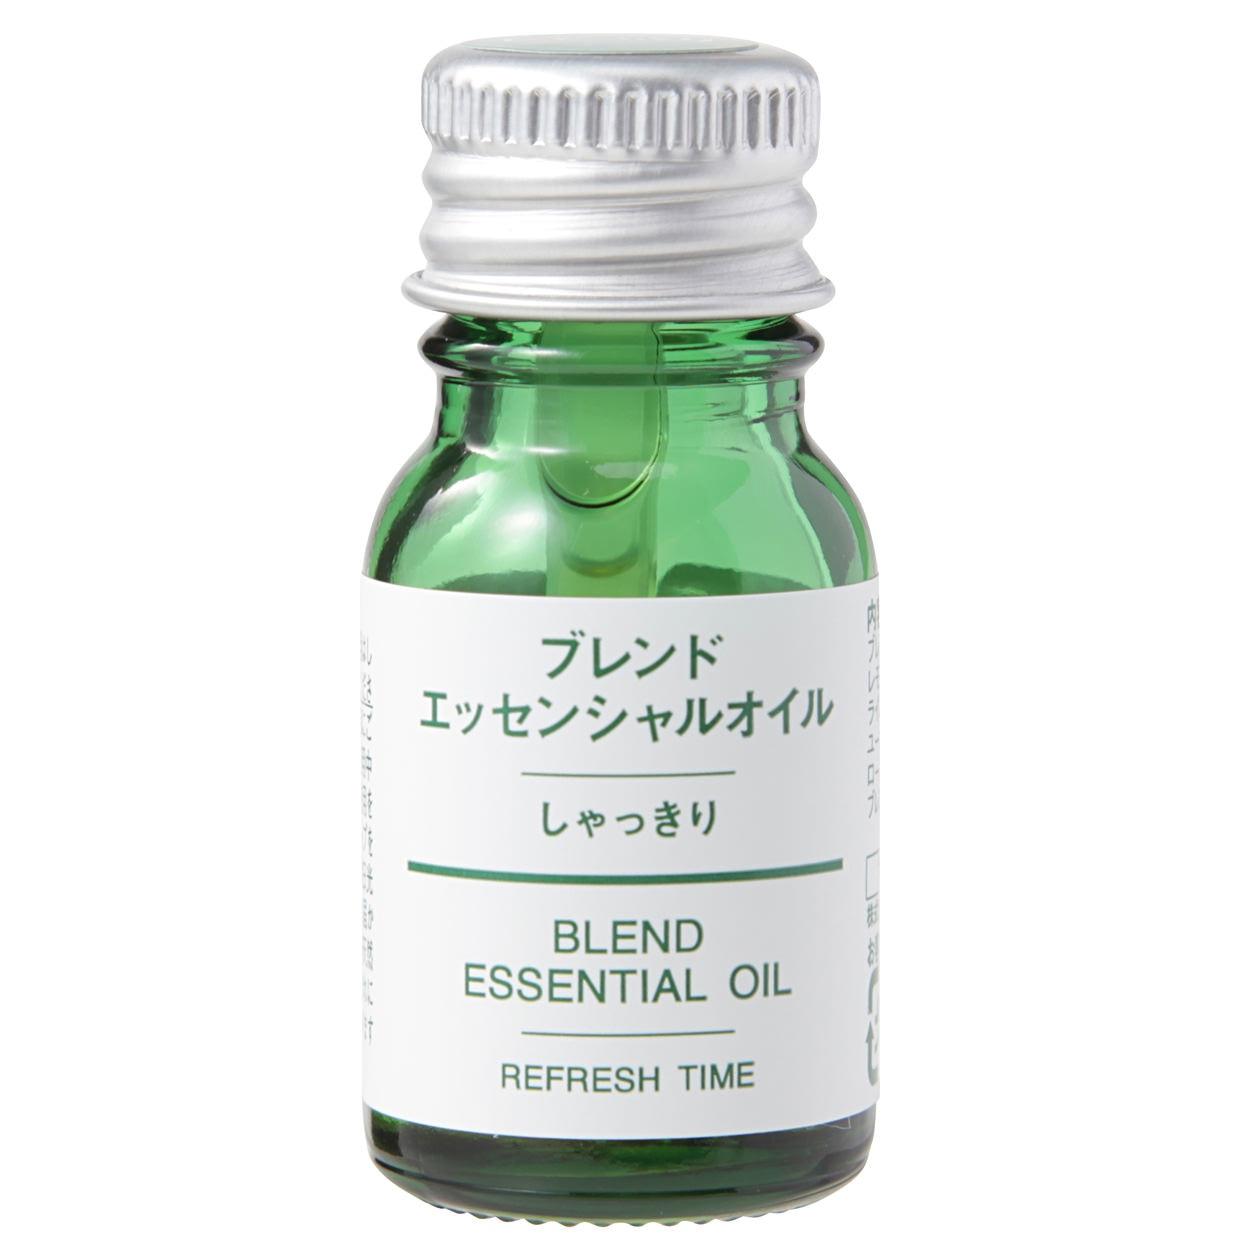 綜合香精油/清新 10ml | 無印良品